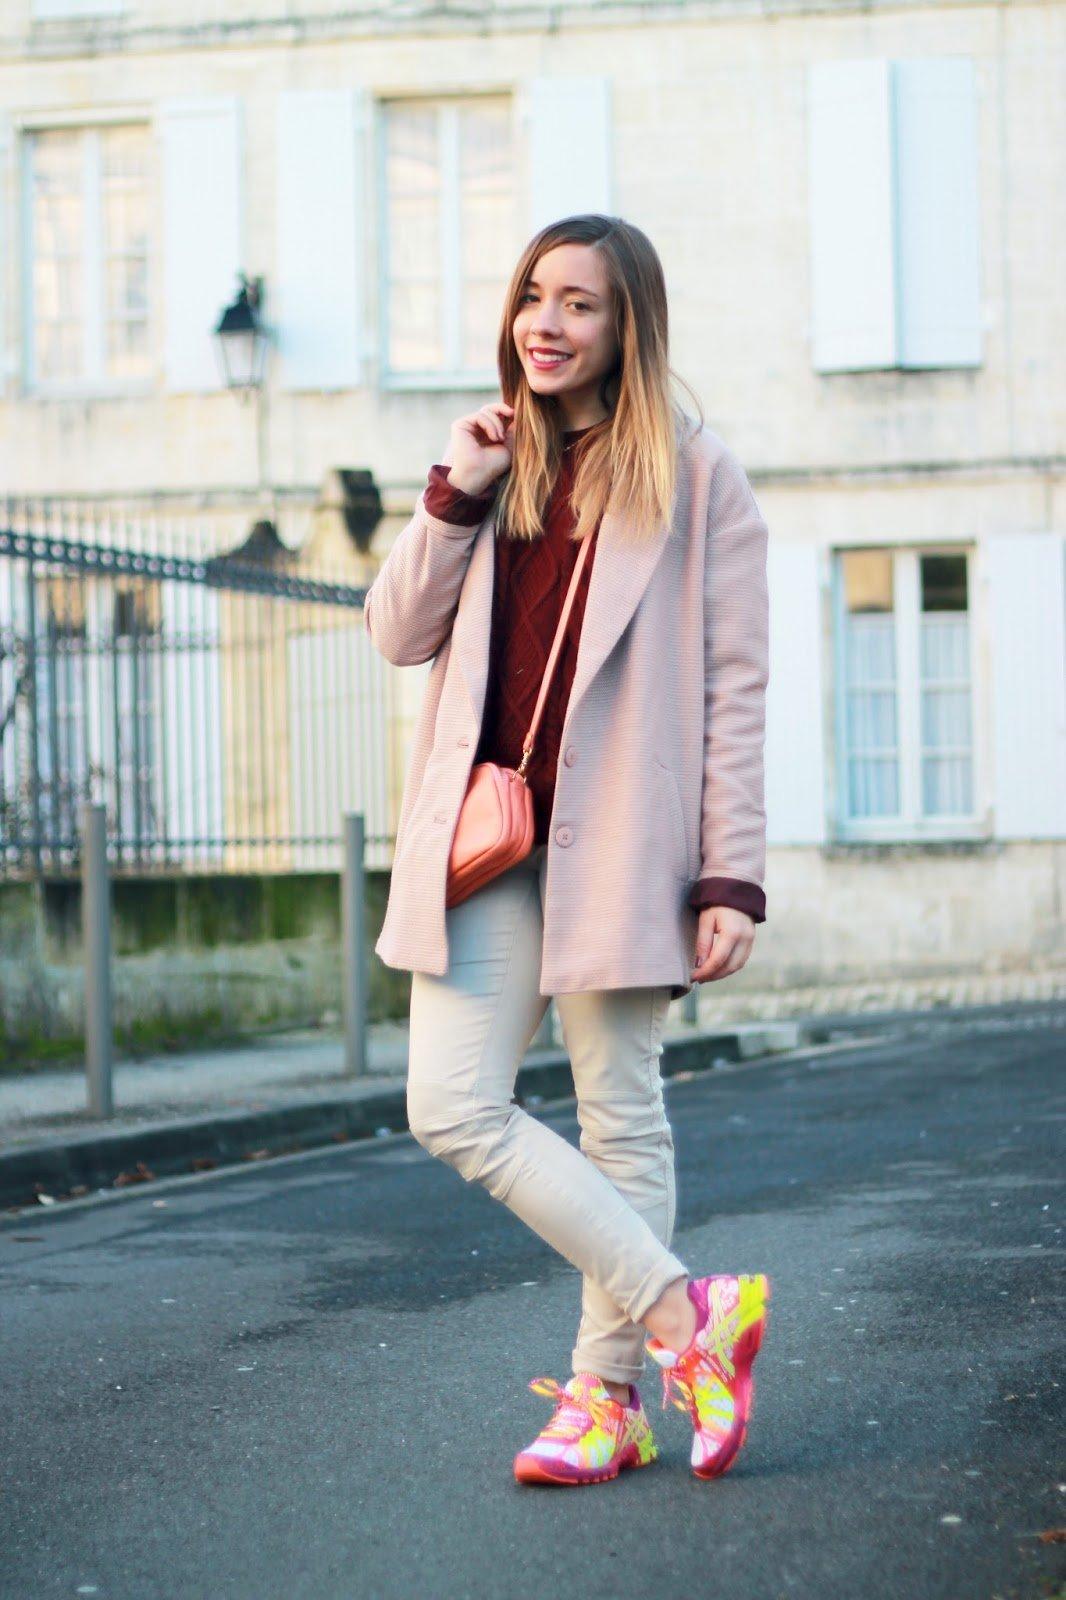 Comment porter ses chaussures de sport en ville